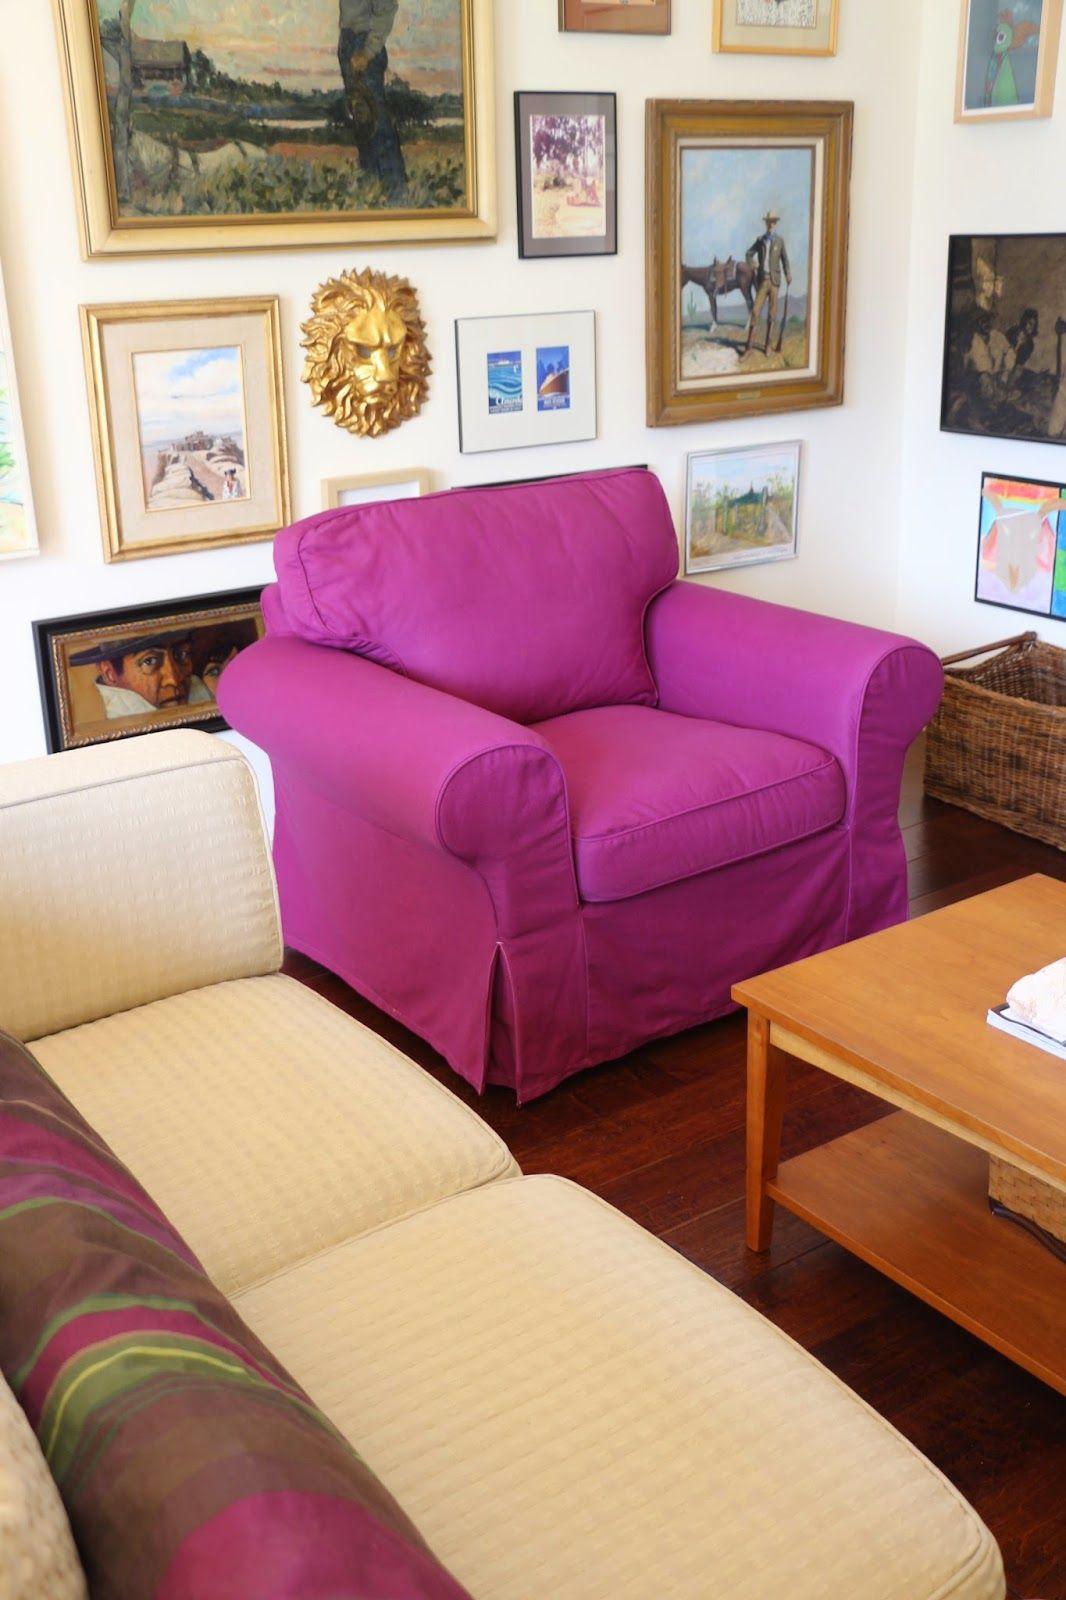 Dyeing An Ektorp Slipcover, Fuschia Chair, DIY Chair Cover, Ektorp Chair,  Ikea Hack